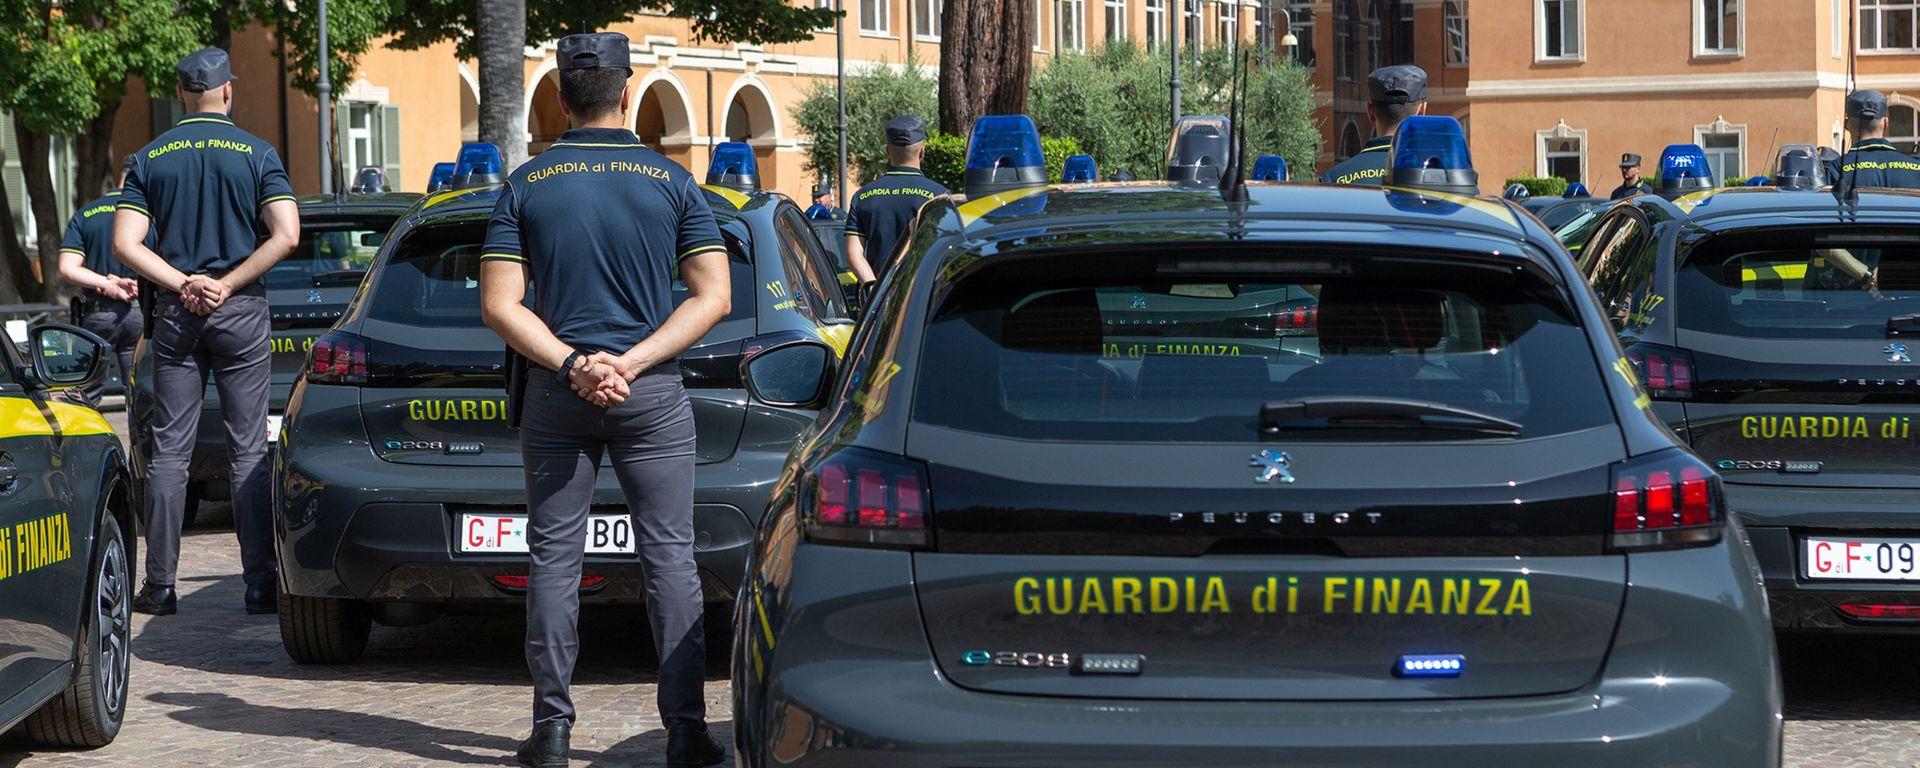 Peugeot e-208 per la Guardia di Finanza: allestimento specifico